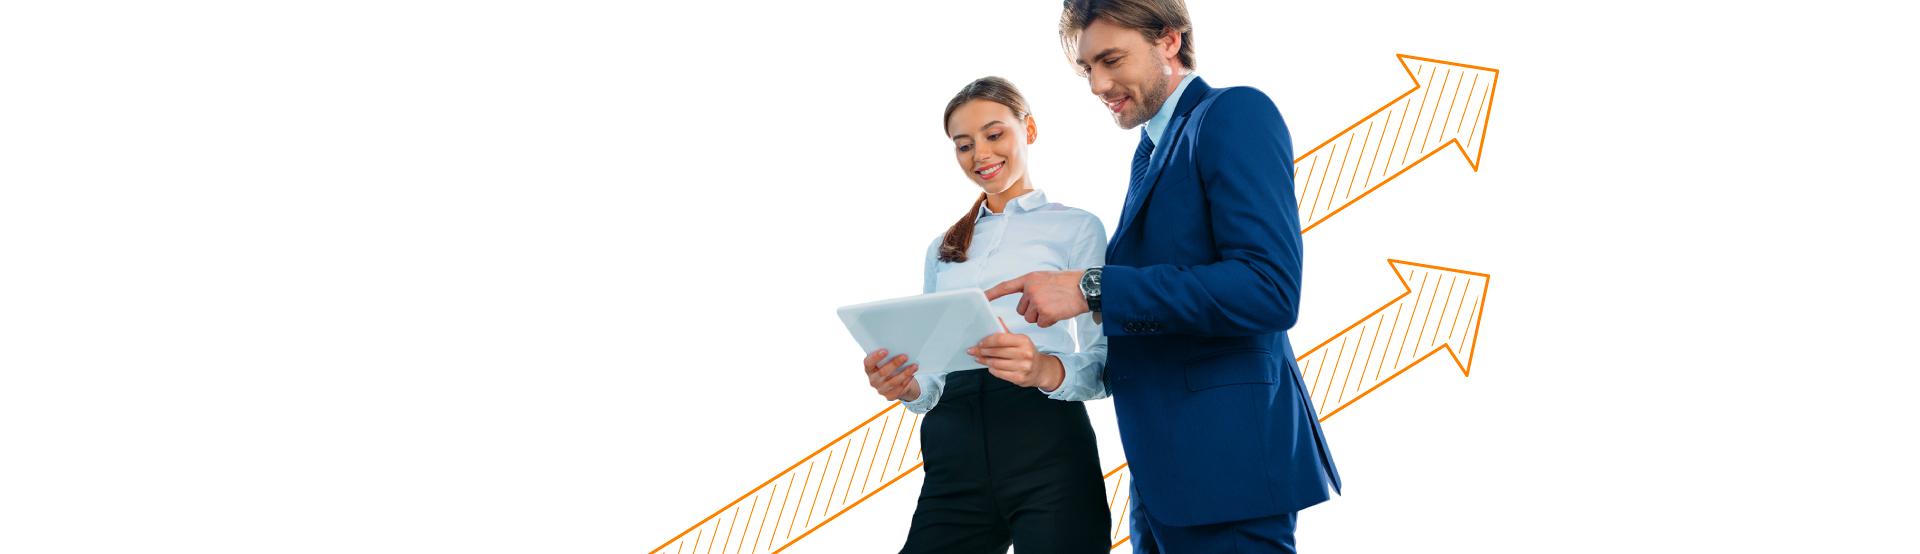 Gestão financeira com mais controle, simplicidade e eficiência